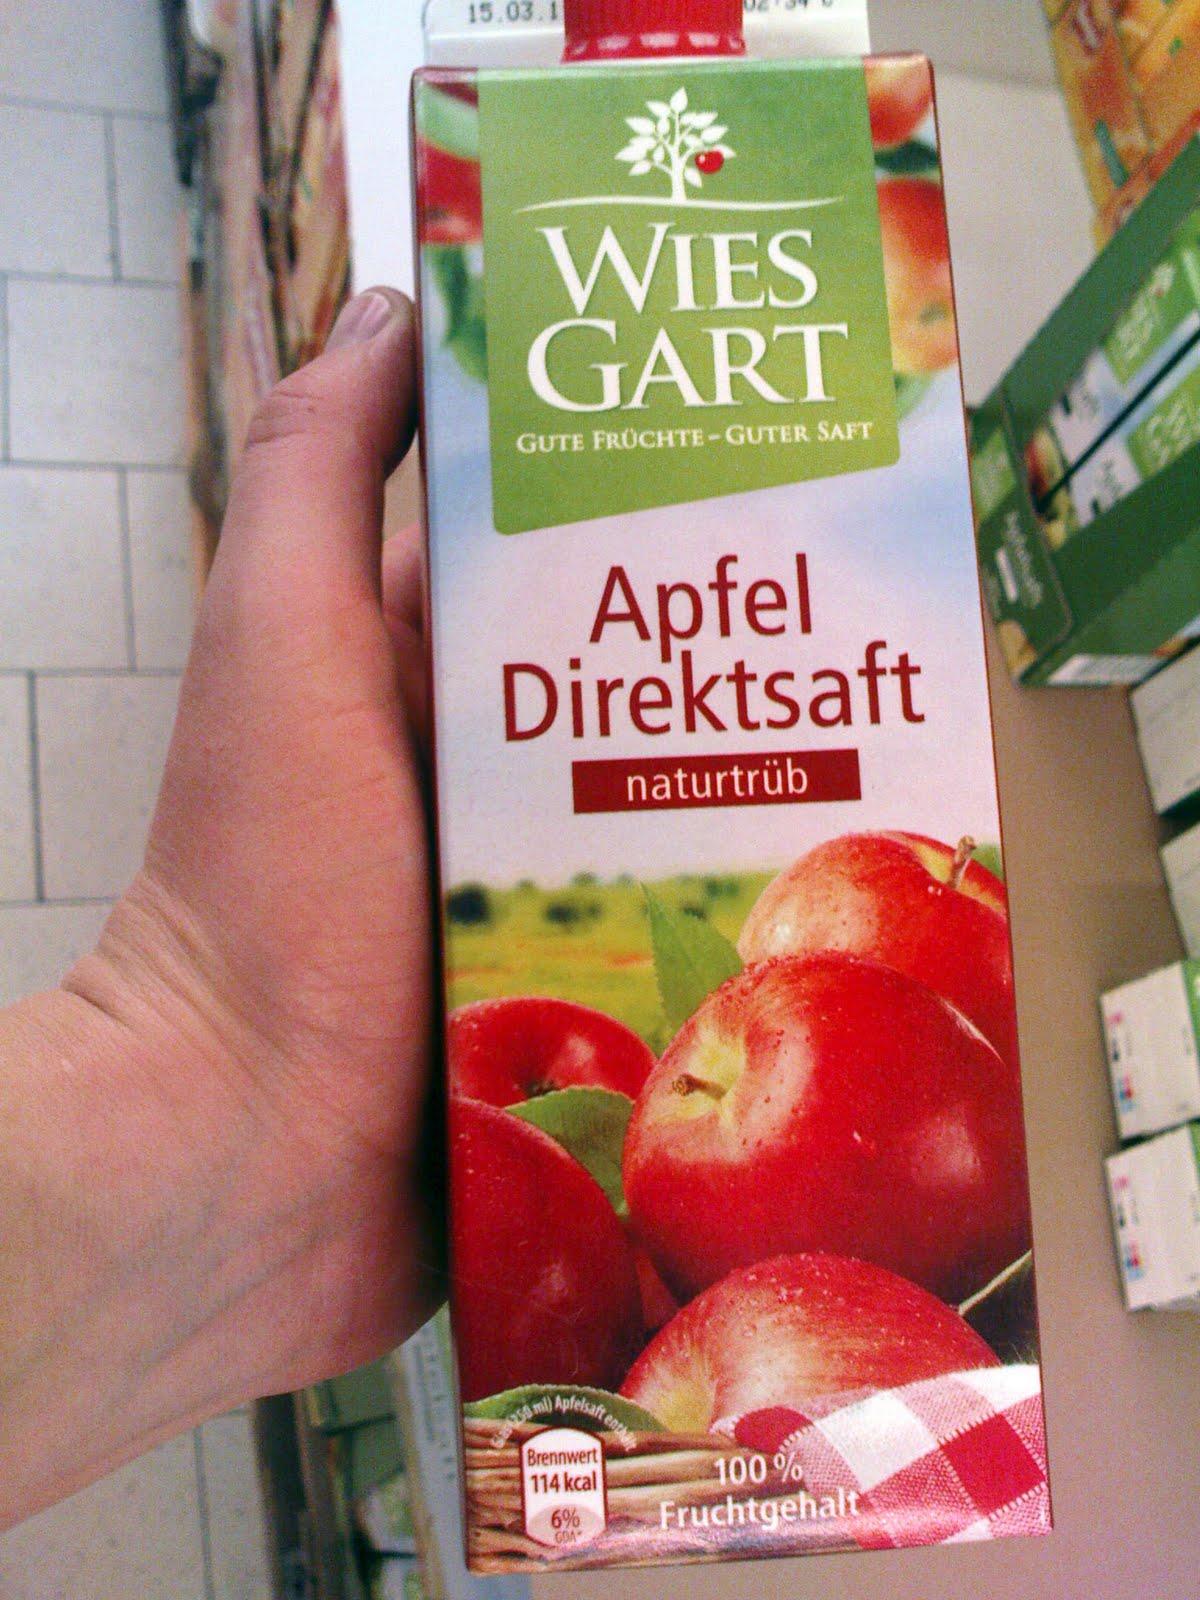 veganer Apfelsaft bei den Discountern Aldi Nord und Süd sowie Lidl ...